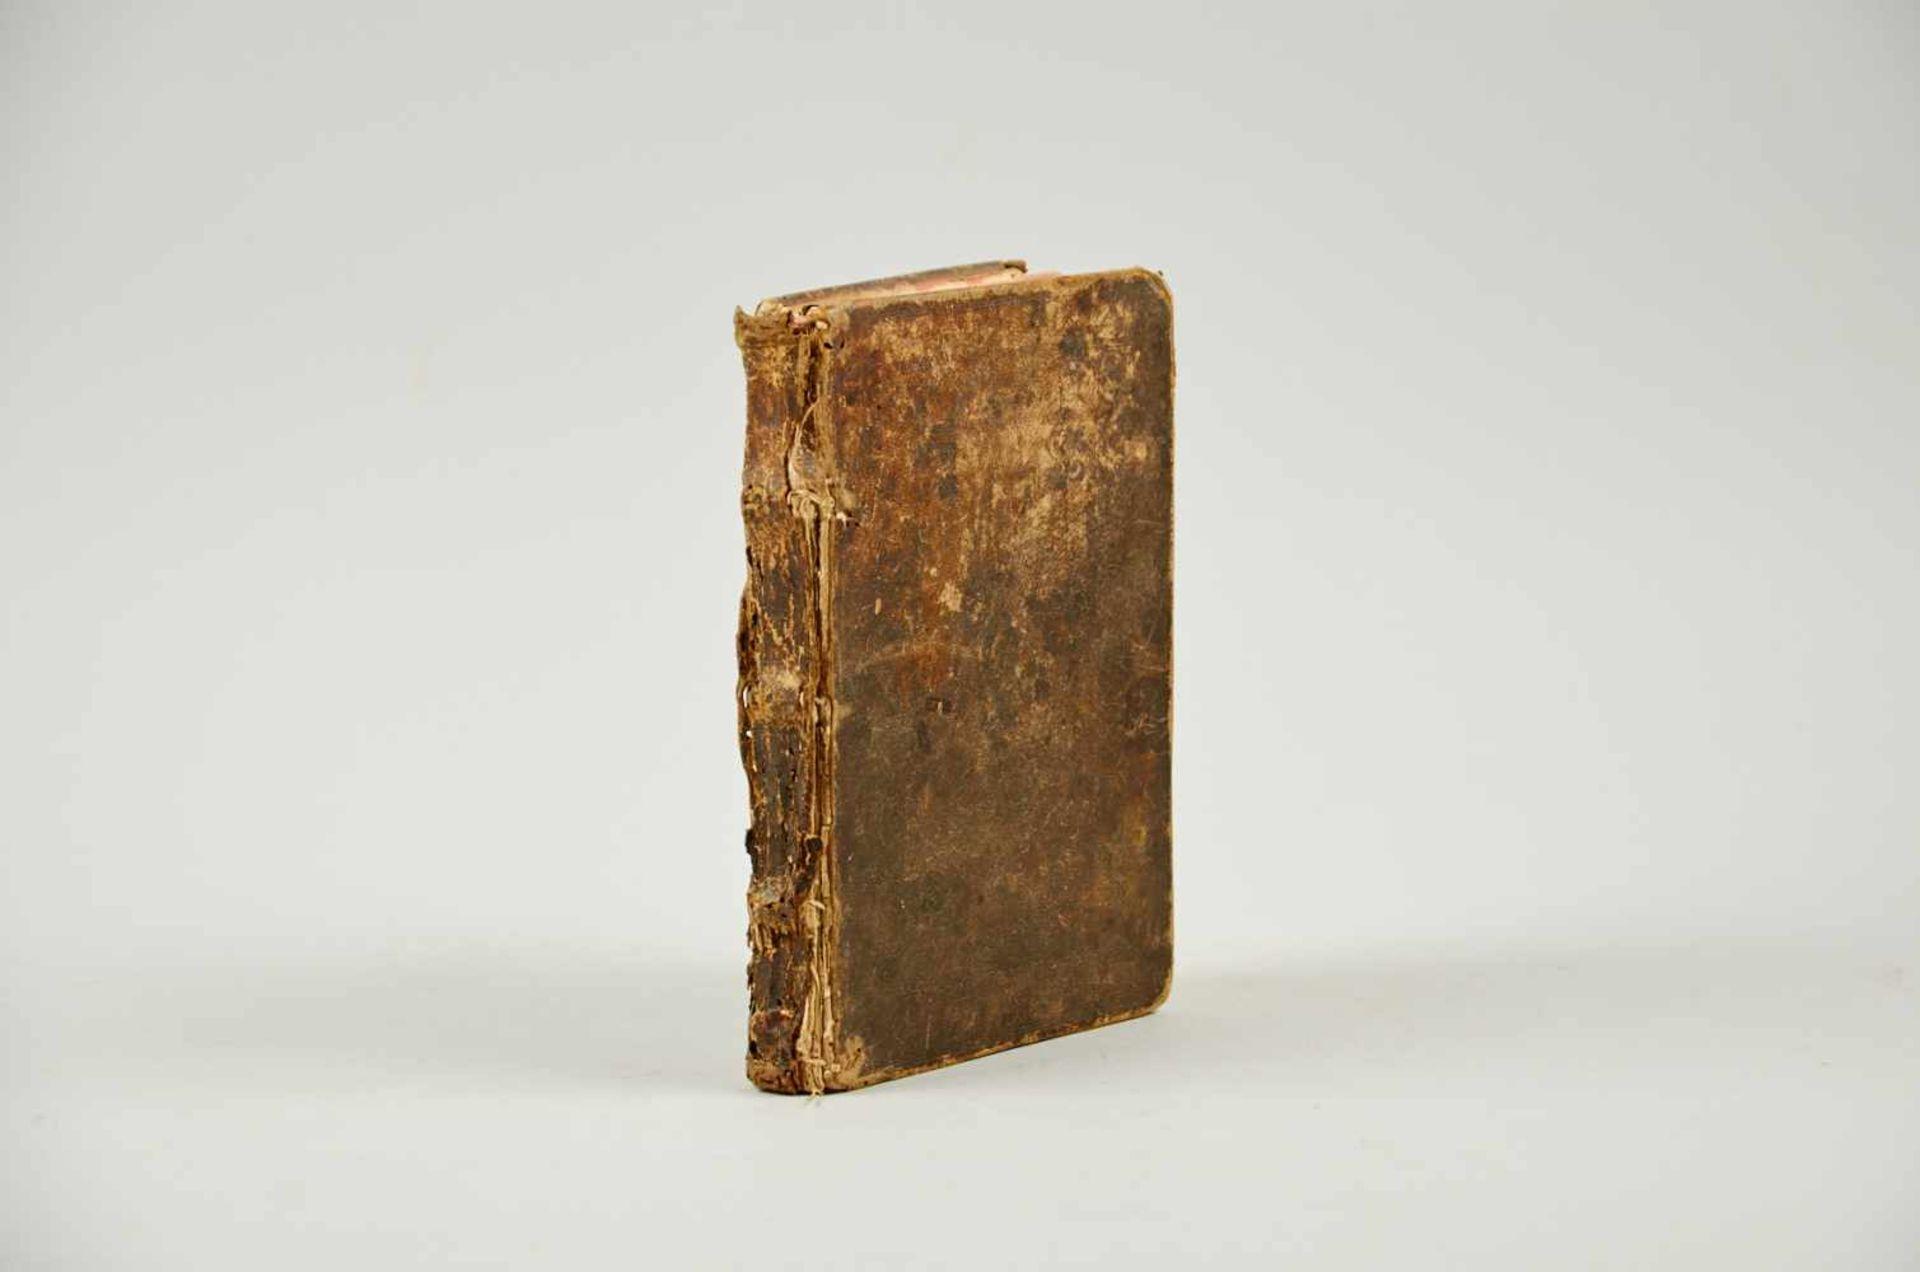 Siena- Antiphonar der Kartause Maggiano. Lateinische Handschrift auf Papier.Dat. Maggiano (Siena),